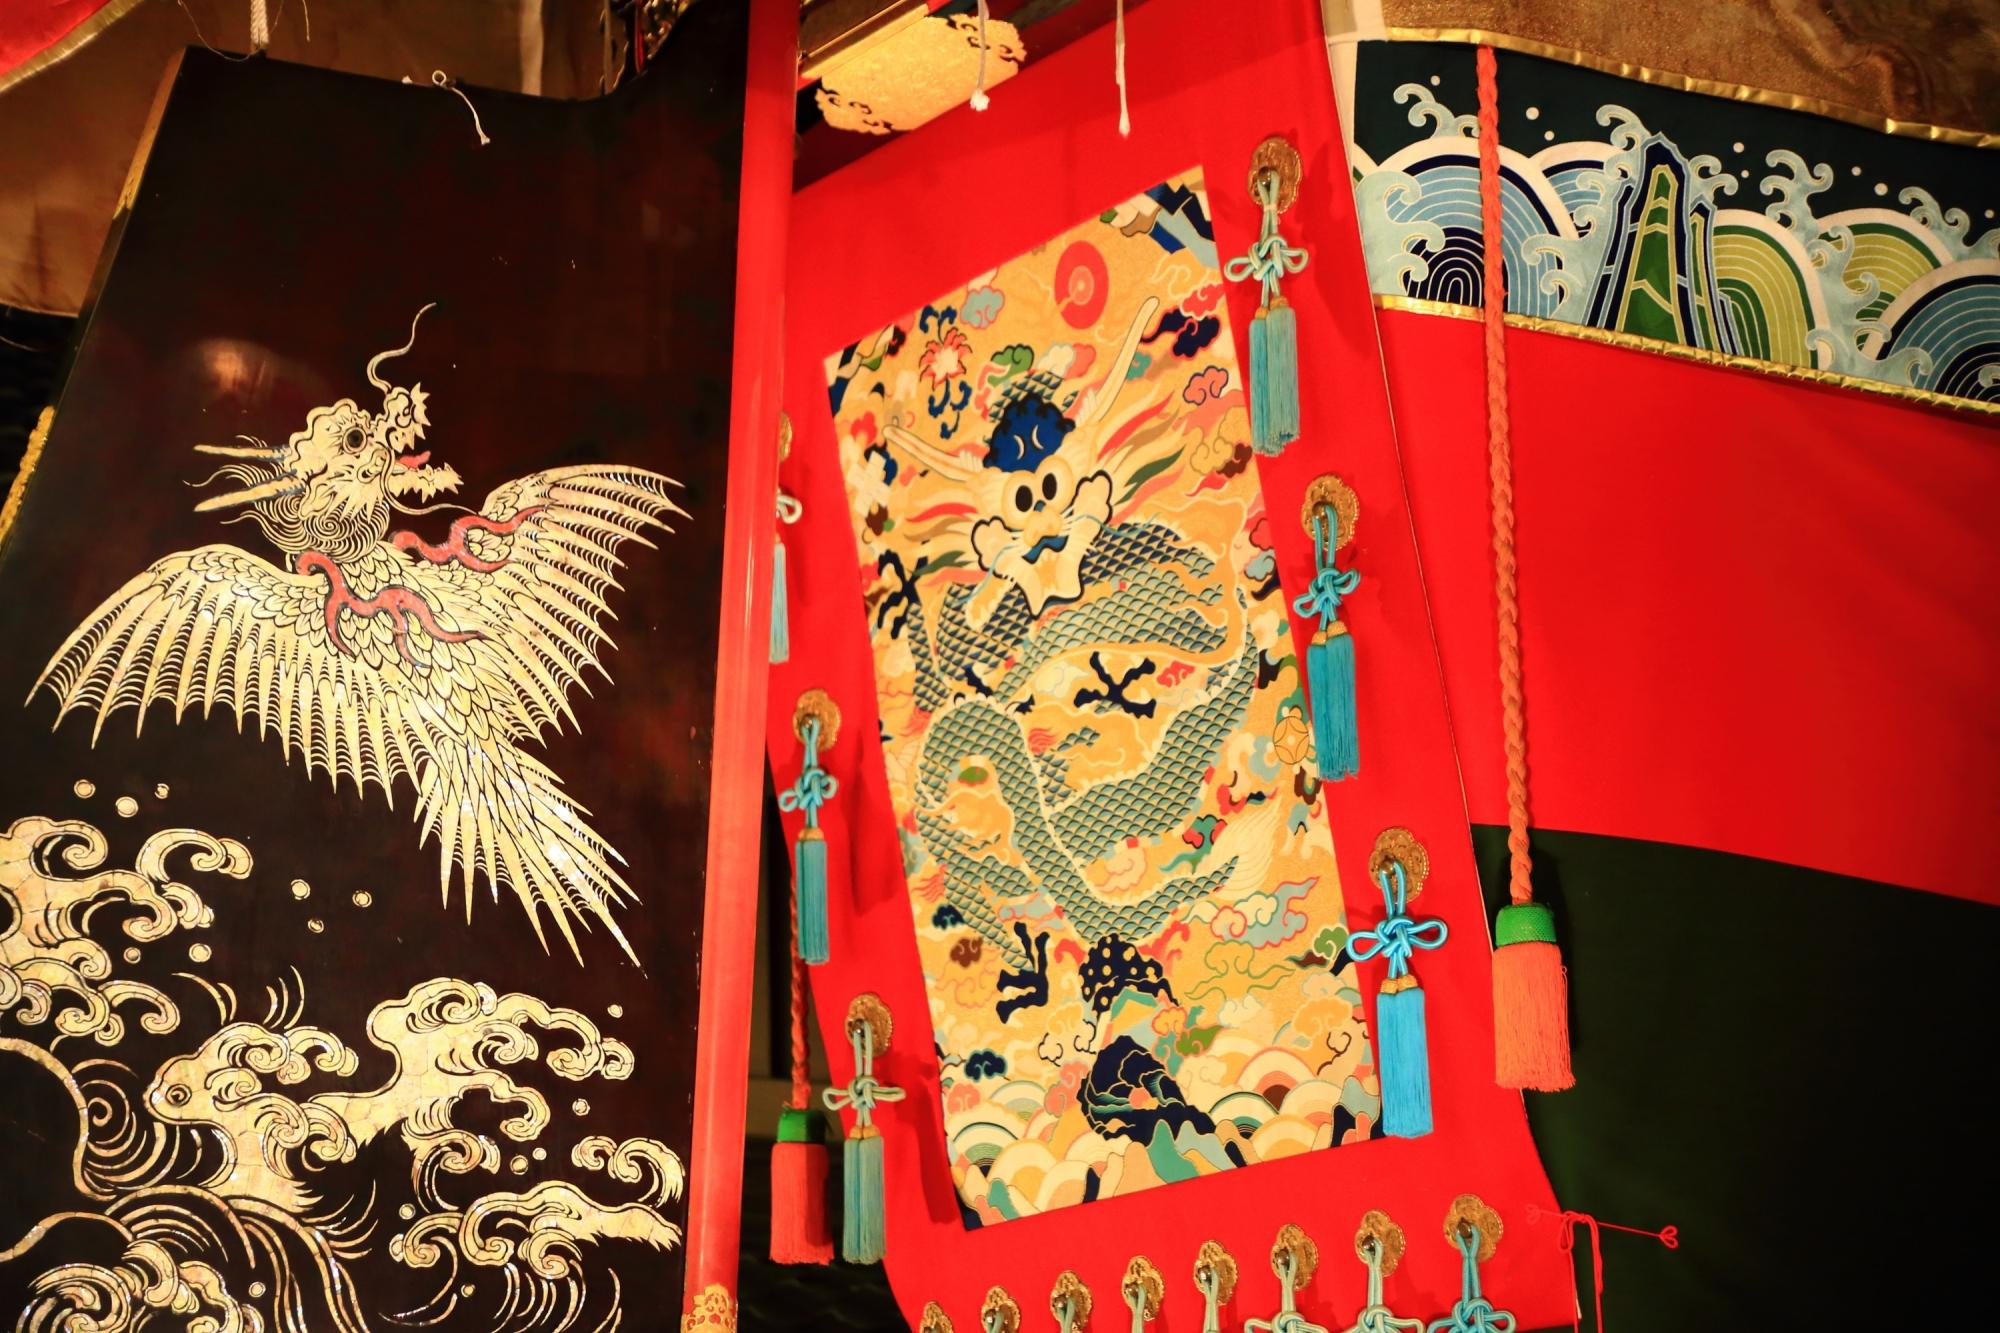 夏の風物詩の祇園祭の宵山の船鉾